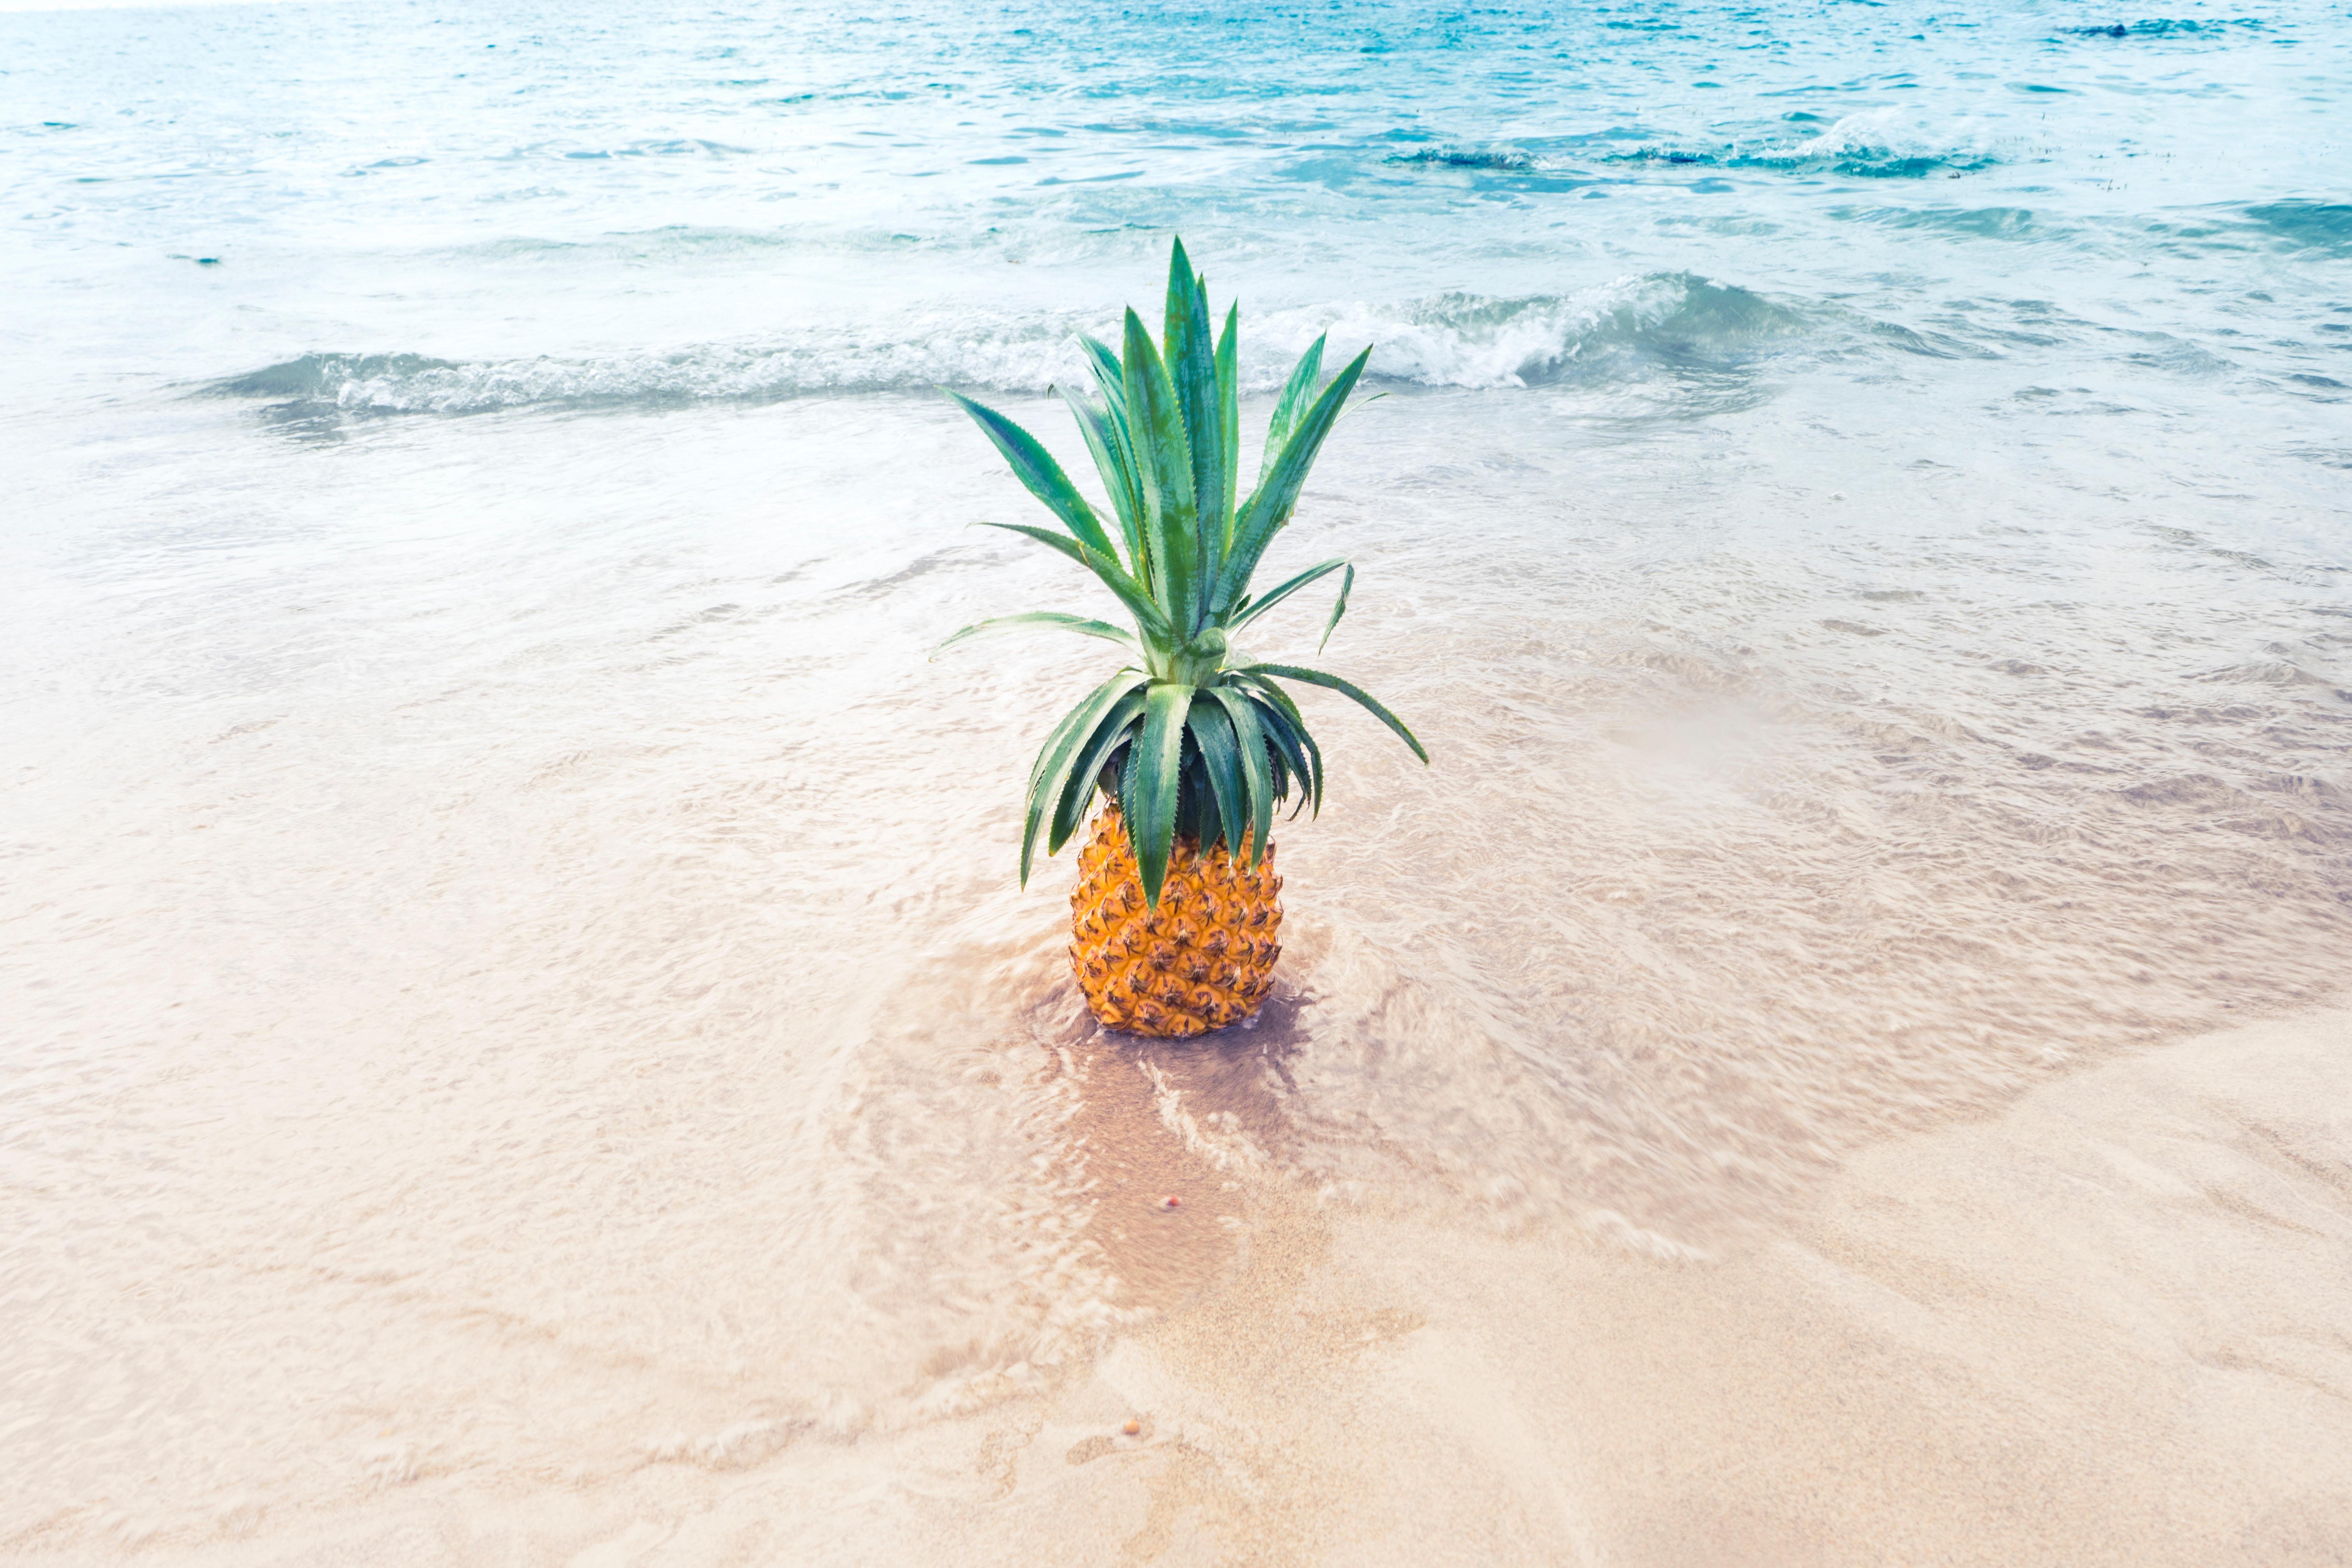 Eine glückliche Ananas am Strand